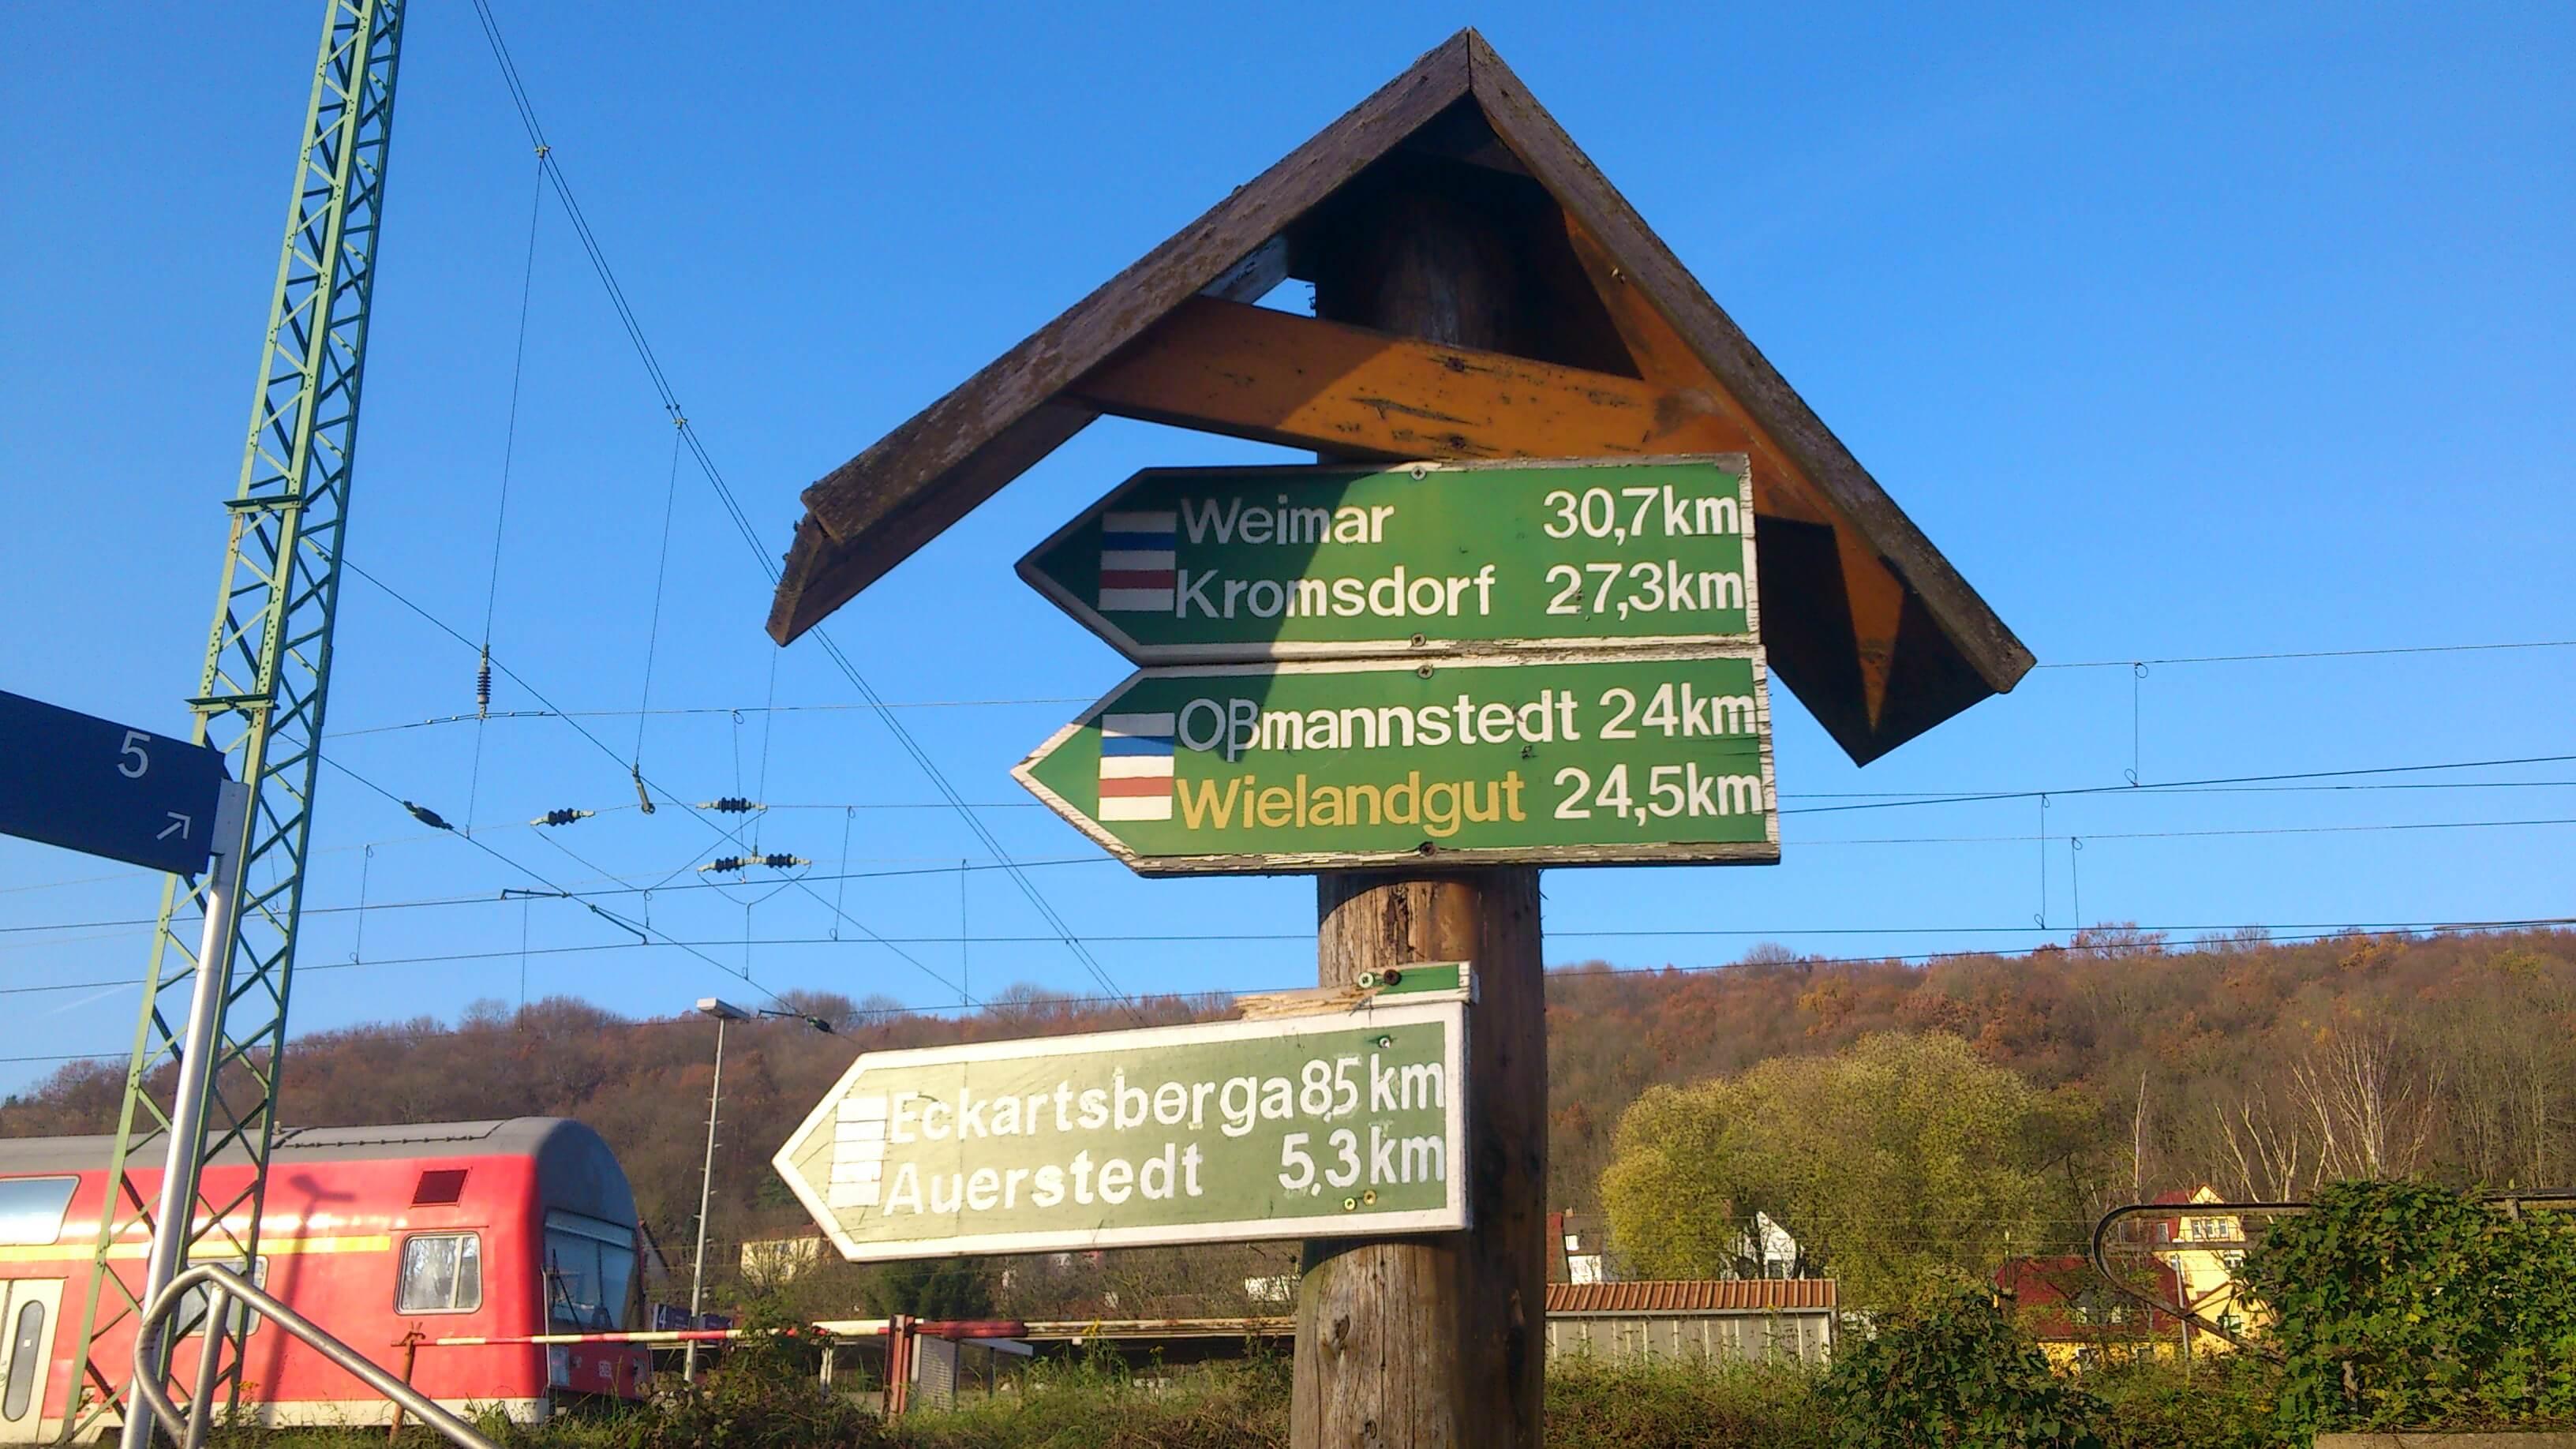 Ein Wegweiser hilft bei einem Ausflug die richtige Richtung einzuschlagen. (c) familienfreund.de